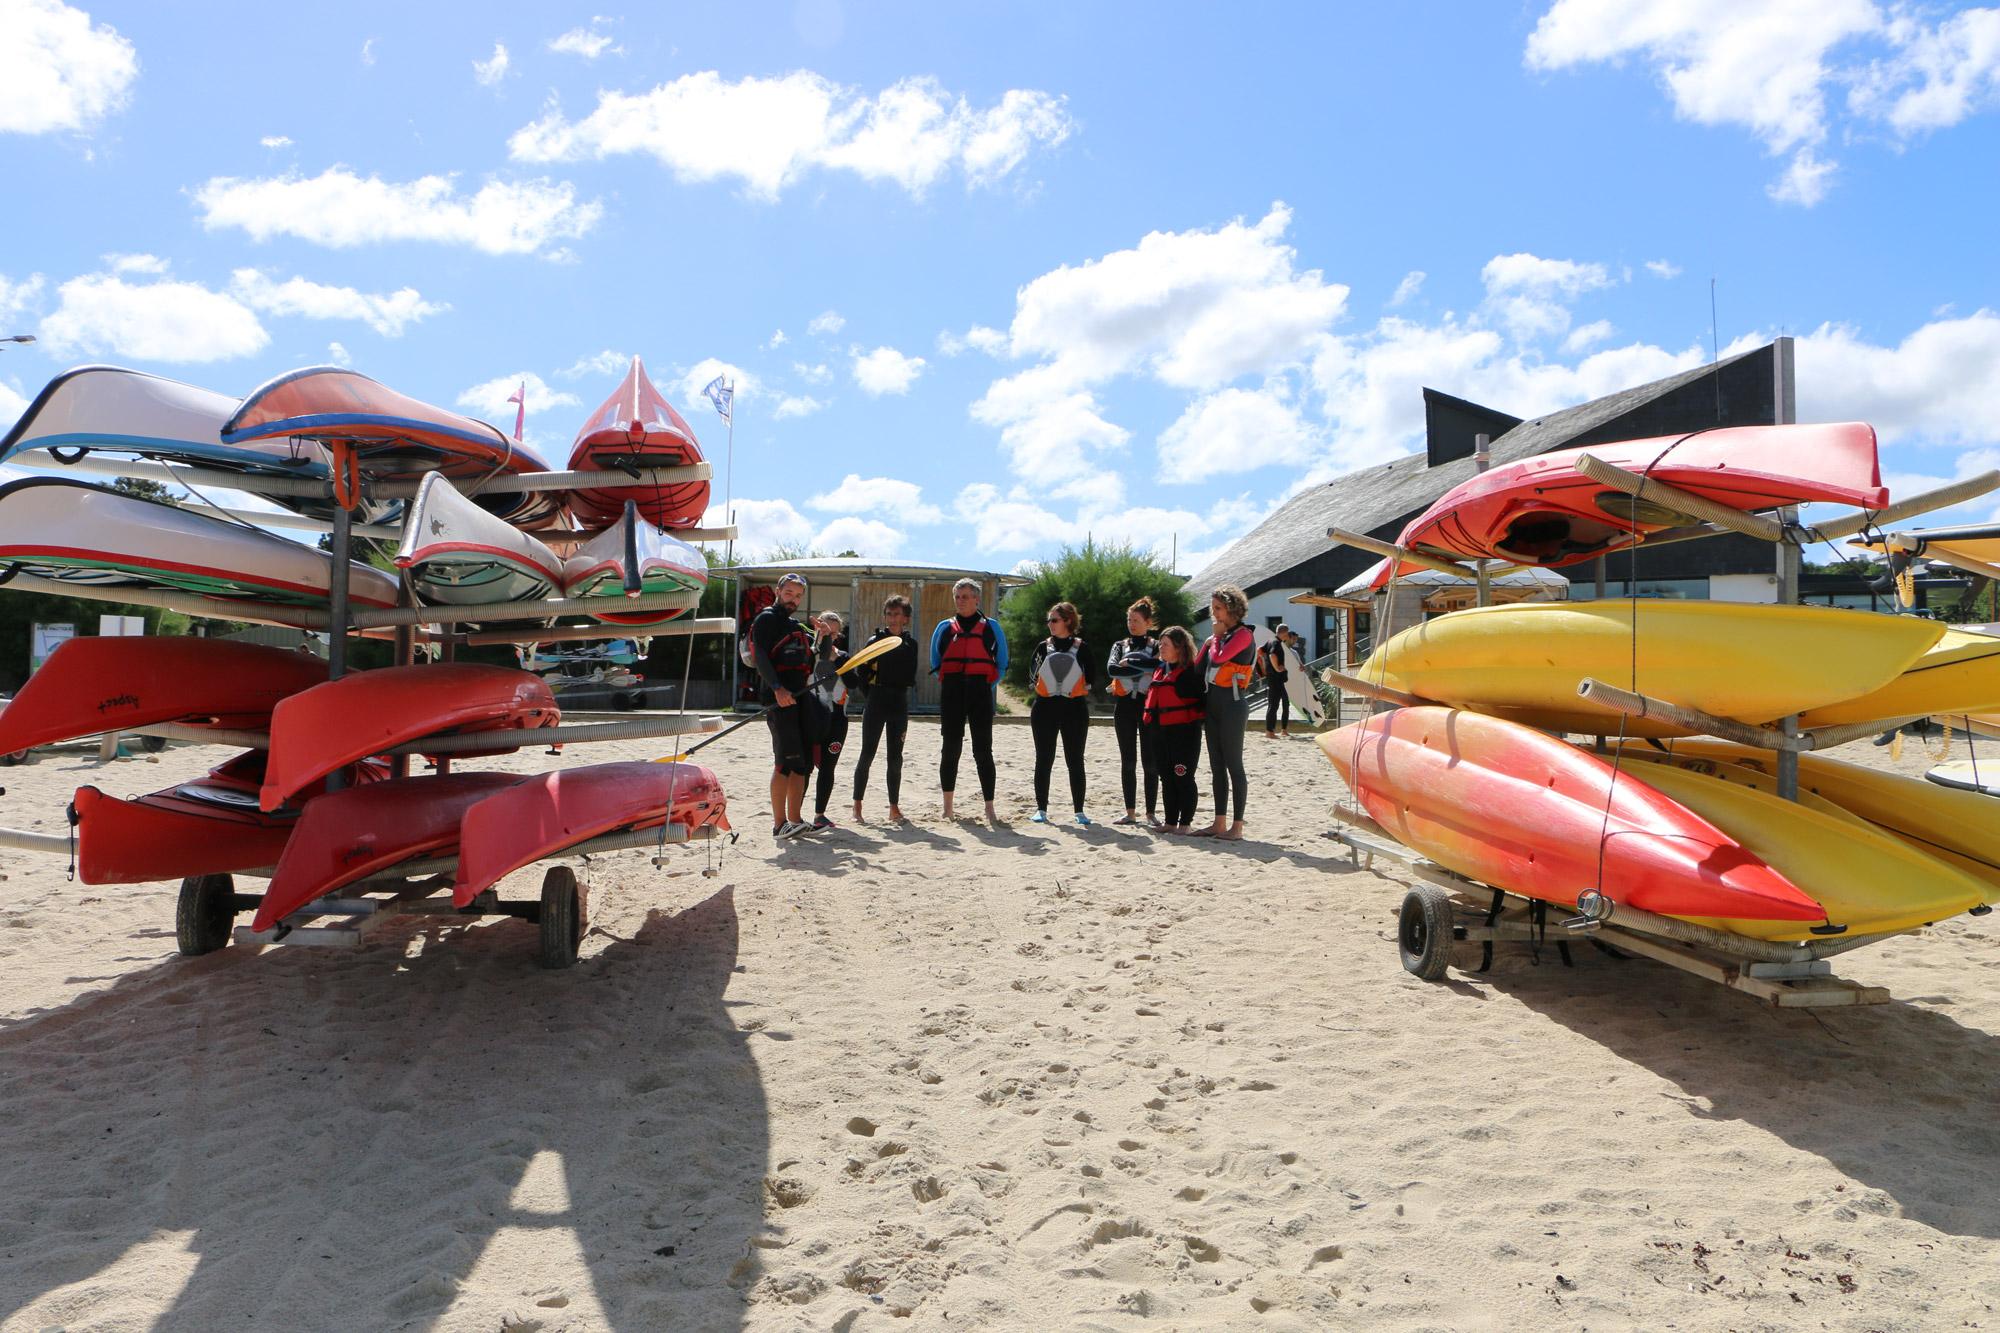 Groupe sur la plage du Kelenn - Acceuil et accompagnement sortie association, CE, groupe privé